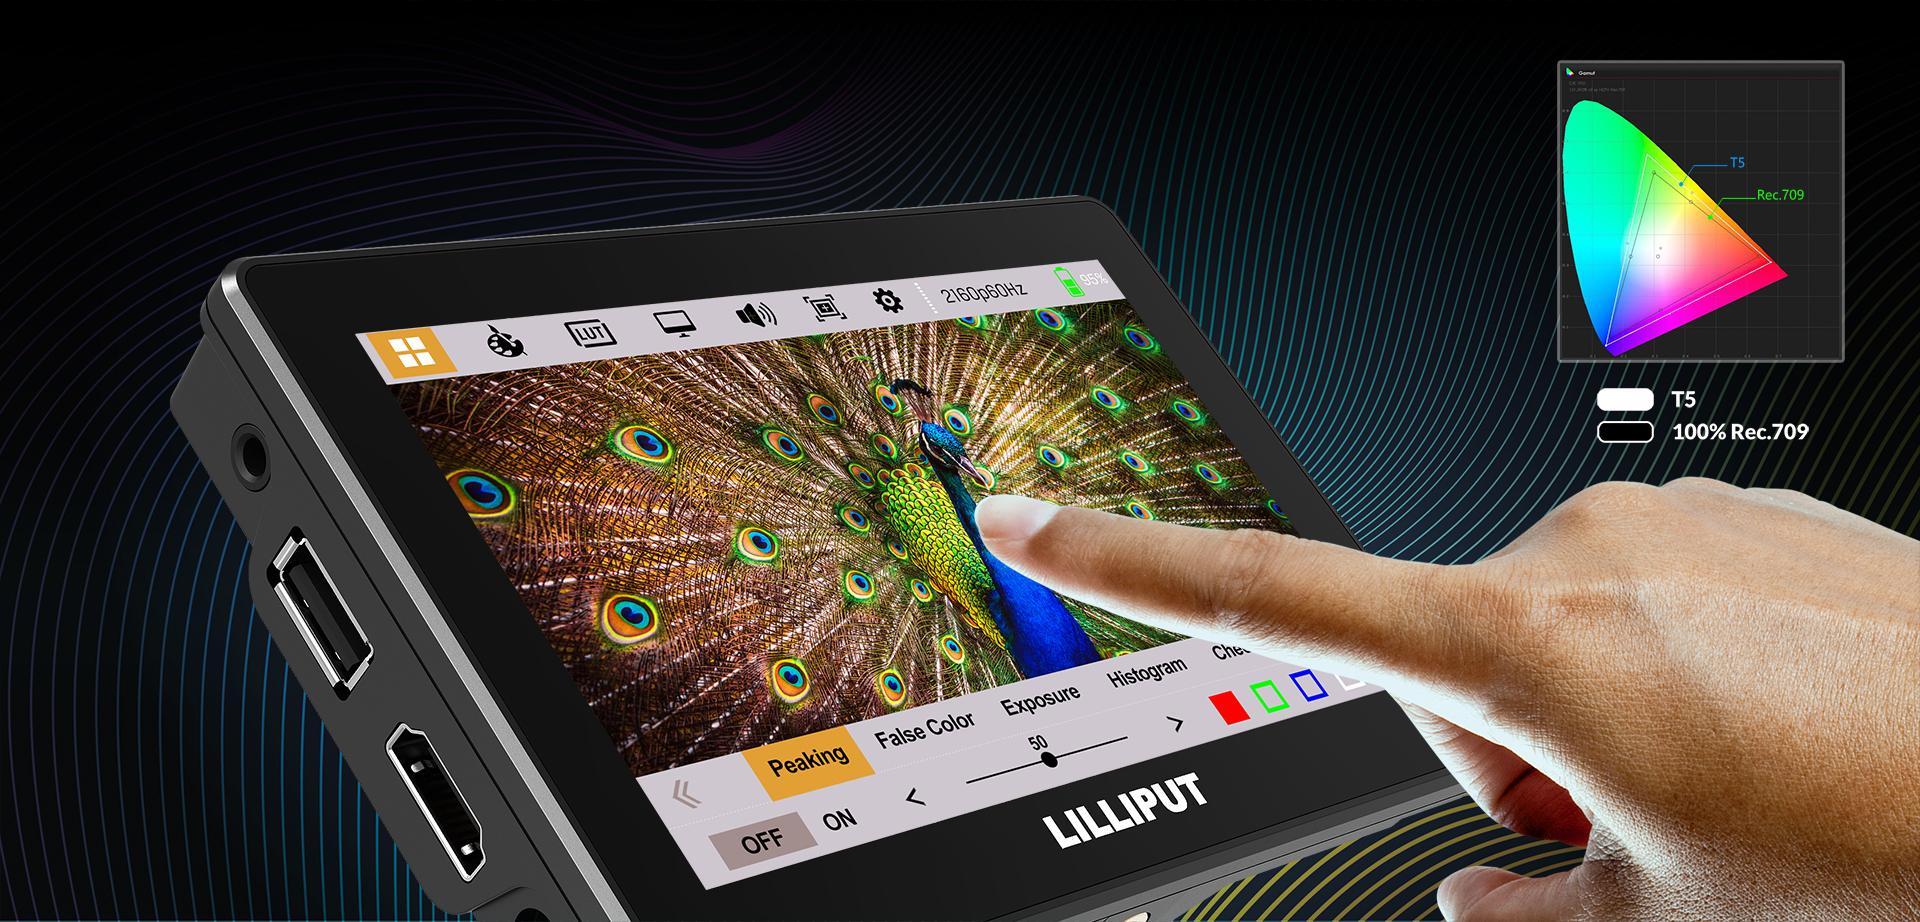 LILLIPUT 5inch TOUCH HDMI2.0 Camera Monitor 6